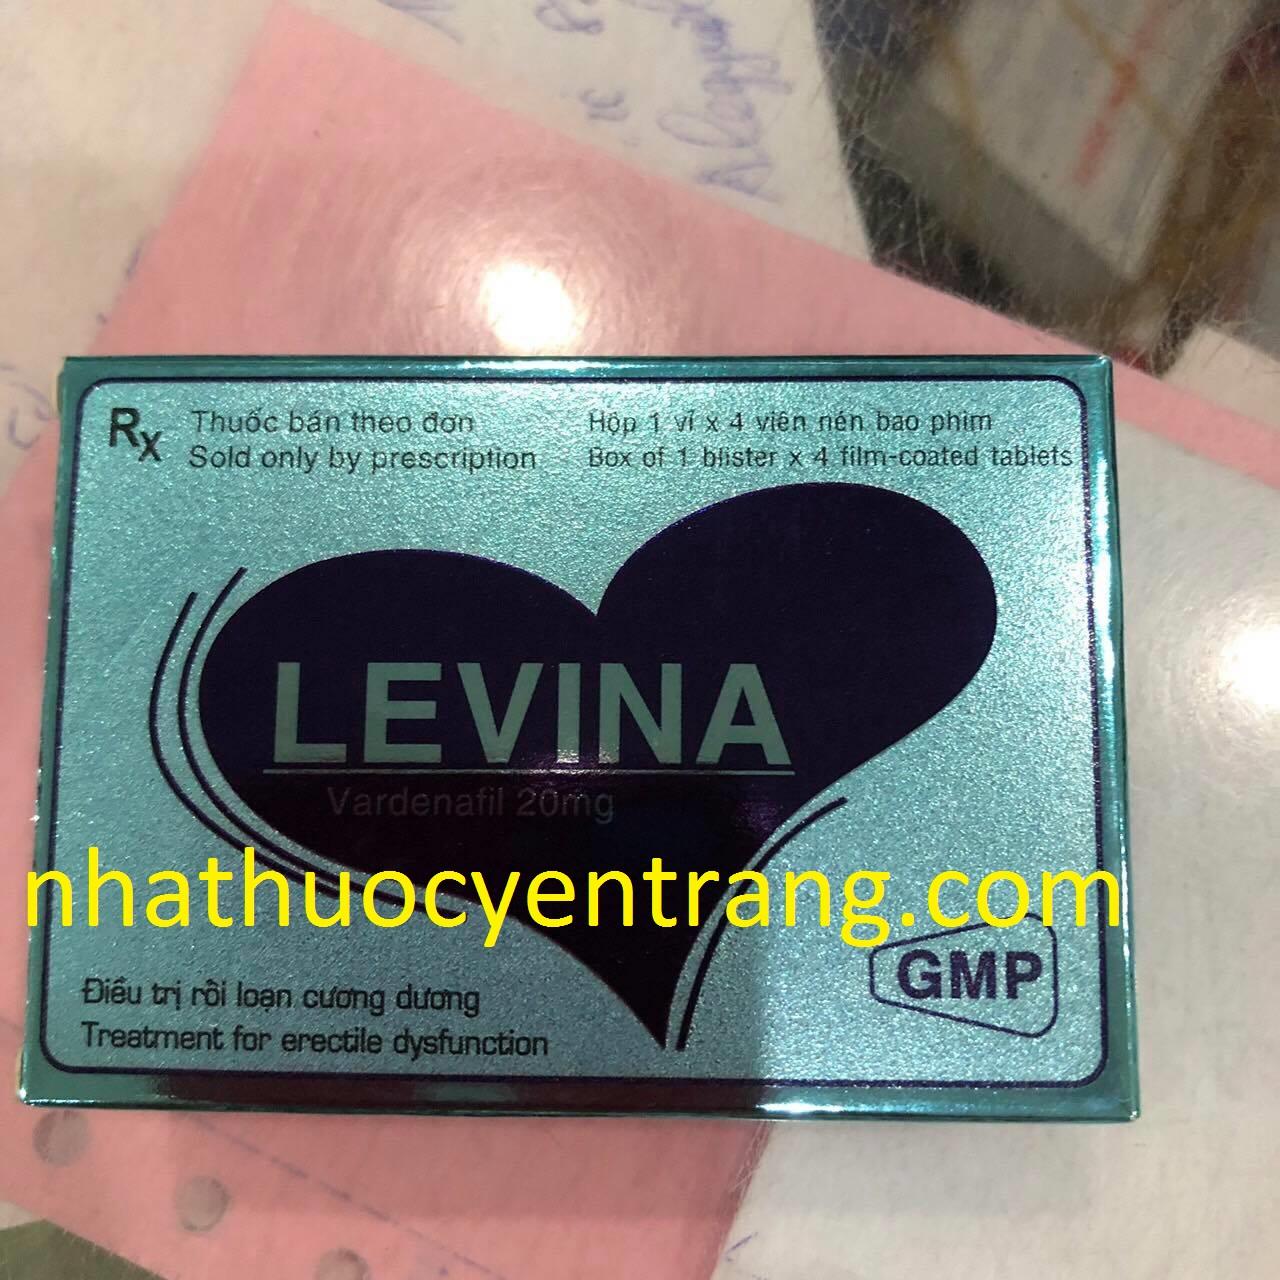 Levina 20mg